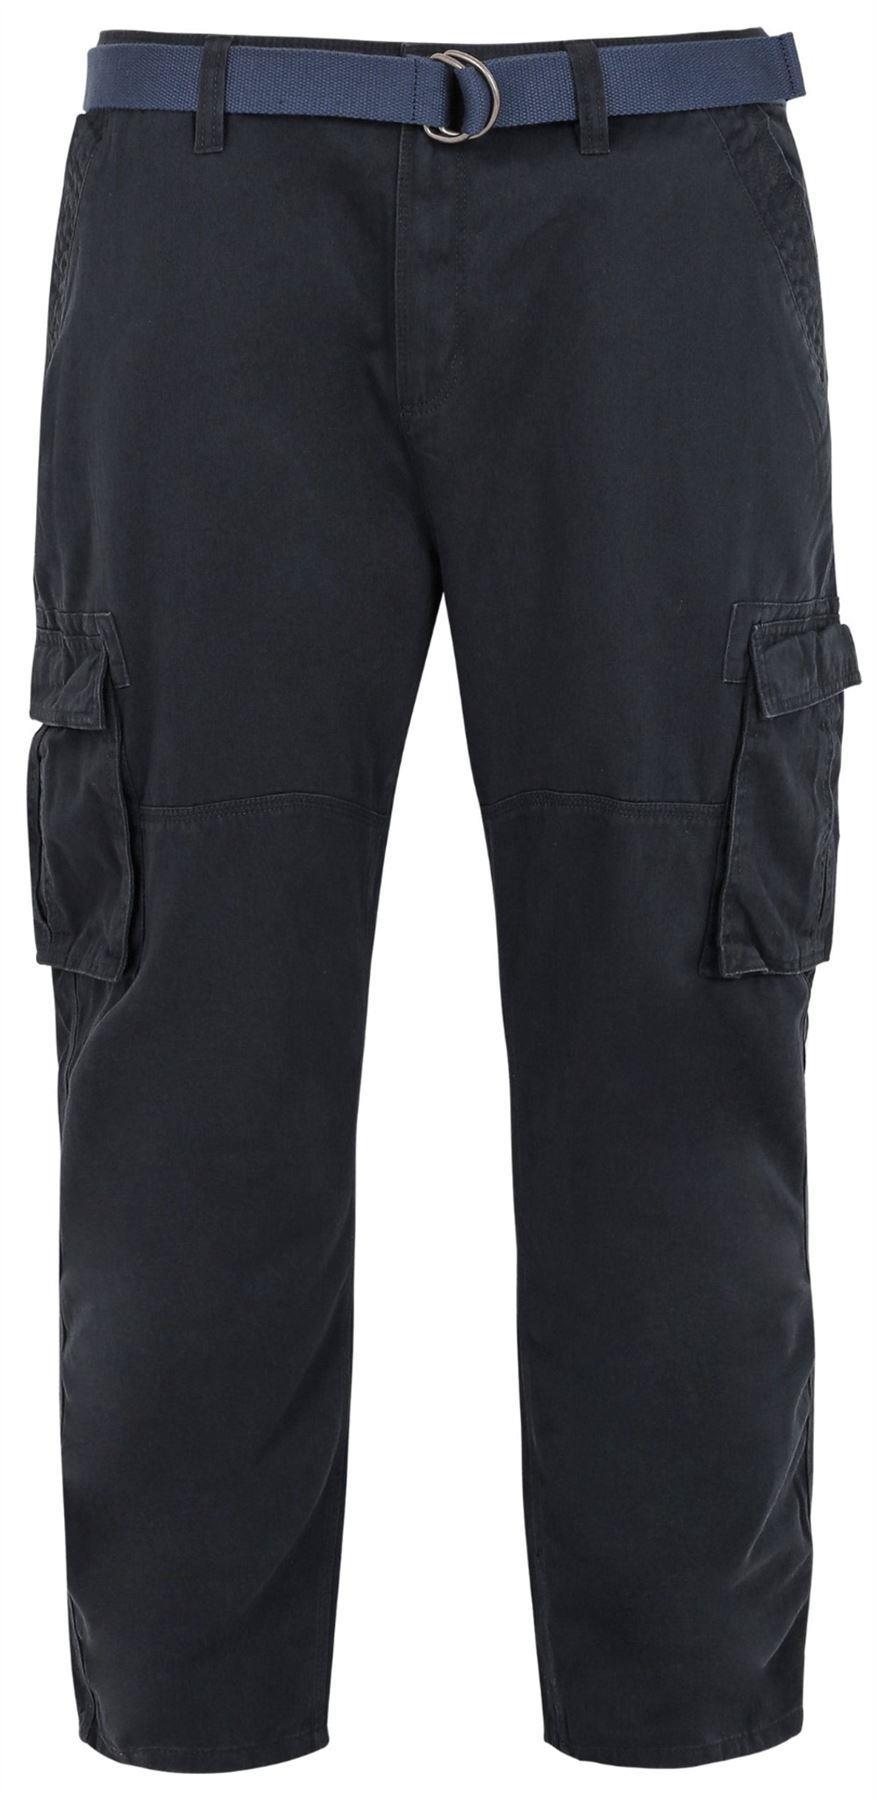 Bad Rhino Cargo Trousers - Navy|50W30L